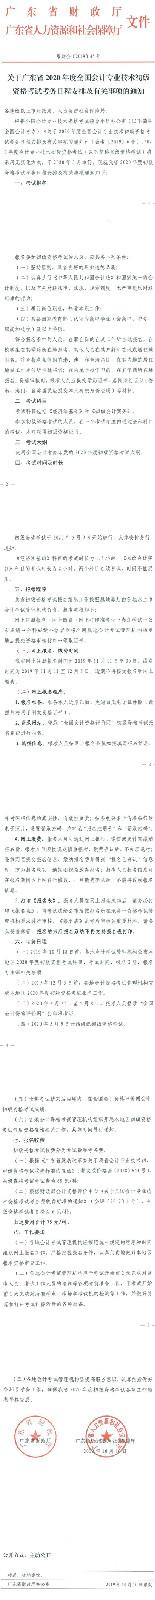 2020年广东省初级会计职称初级会计师考试报名时间通知